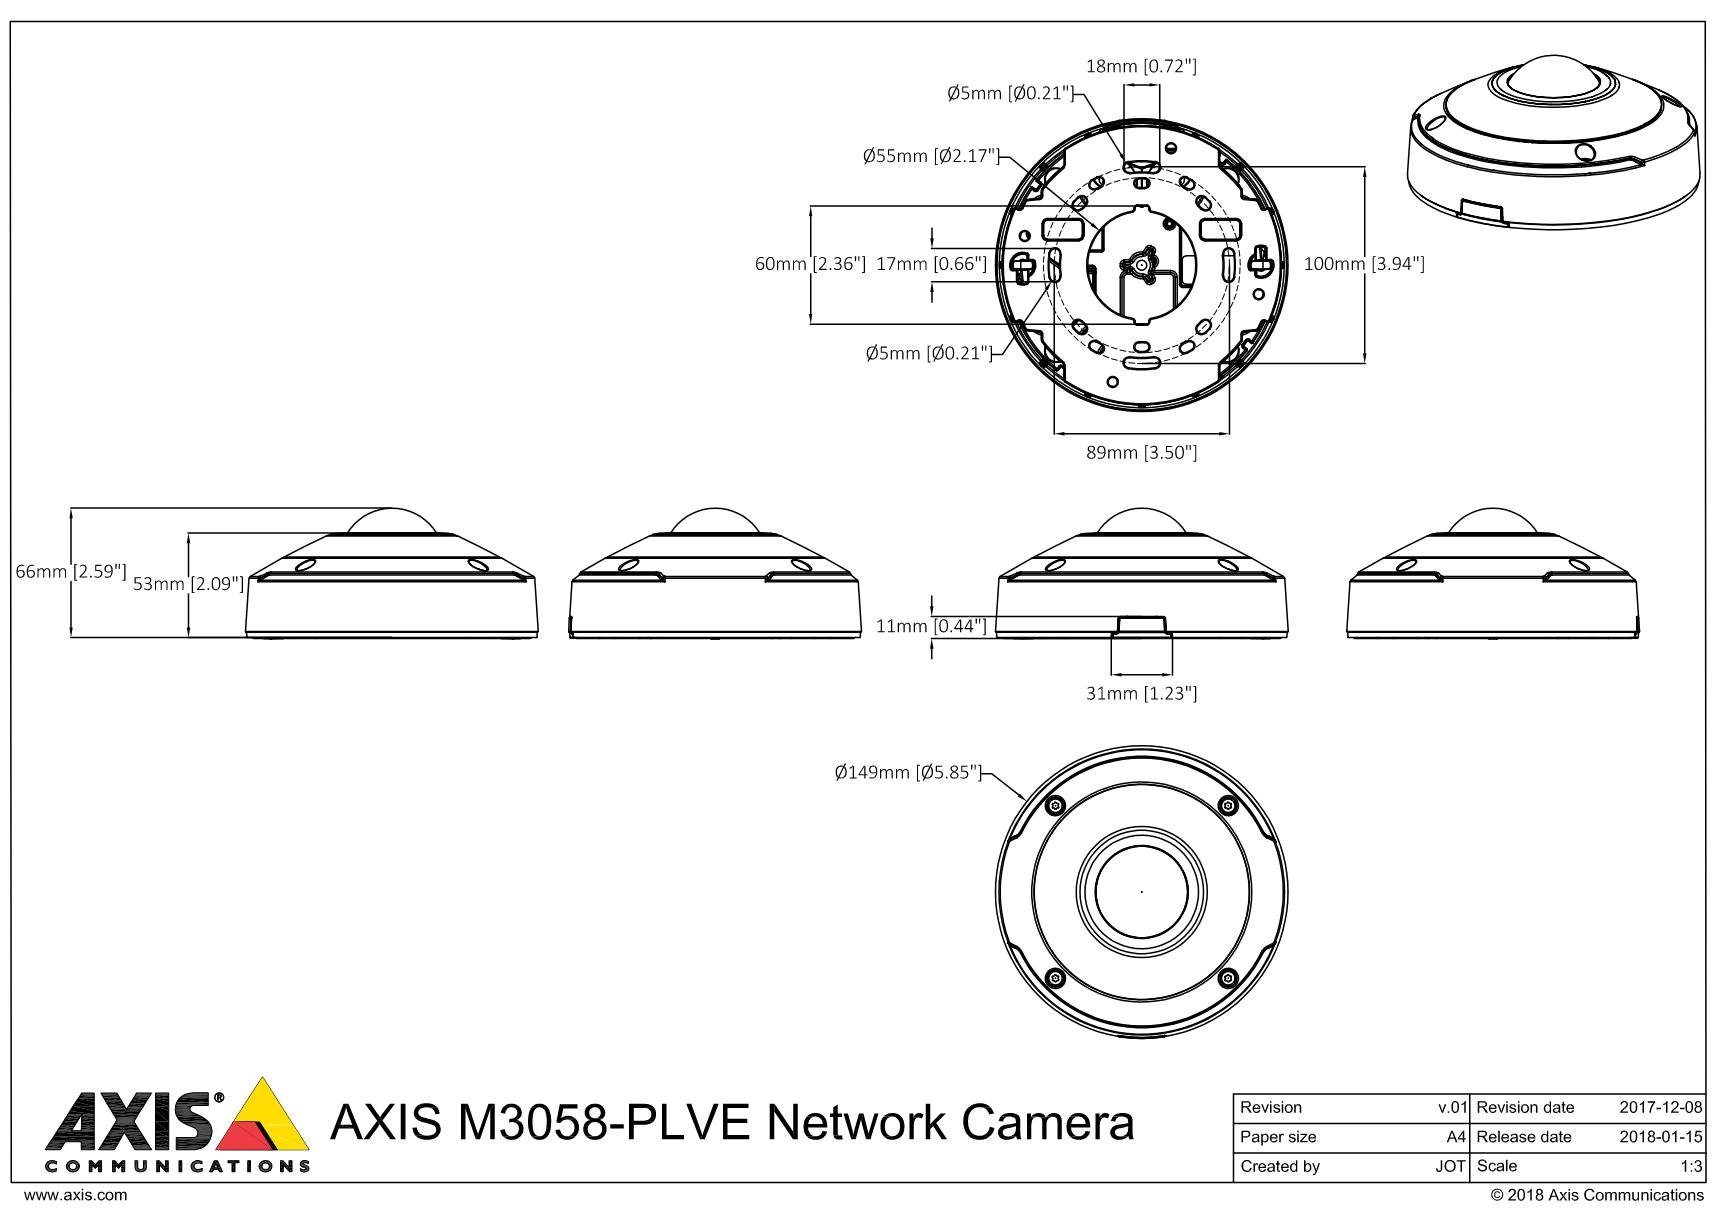 M3058-PLVE Dimensions